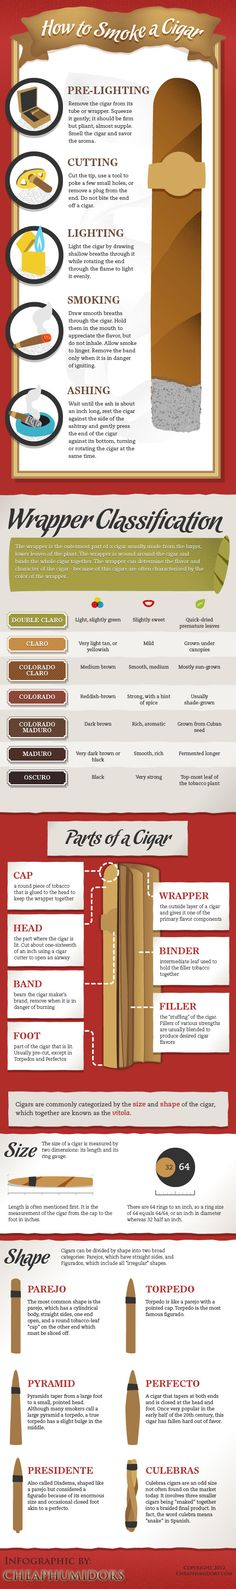 #manly #men #infographic #cigars #howto #smoke #SwisherSweets #SwisherSmokes #Swisher